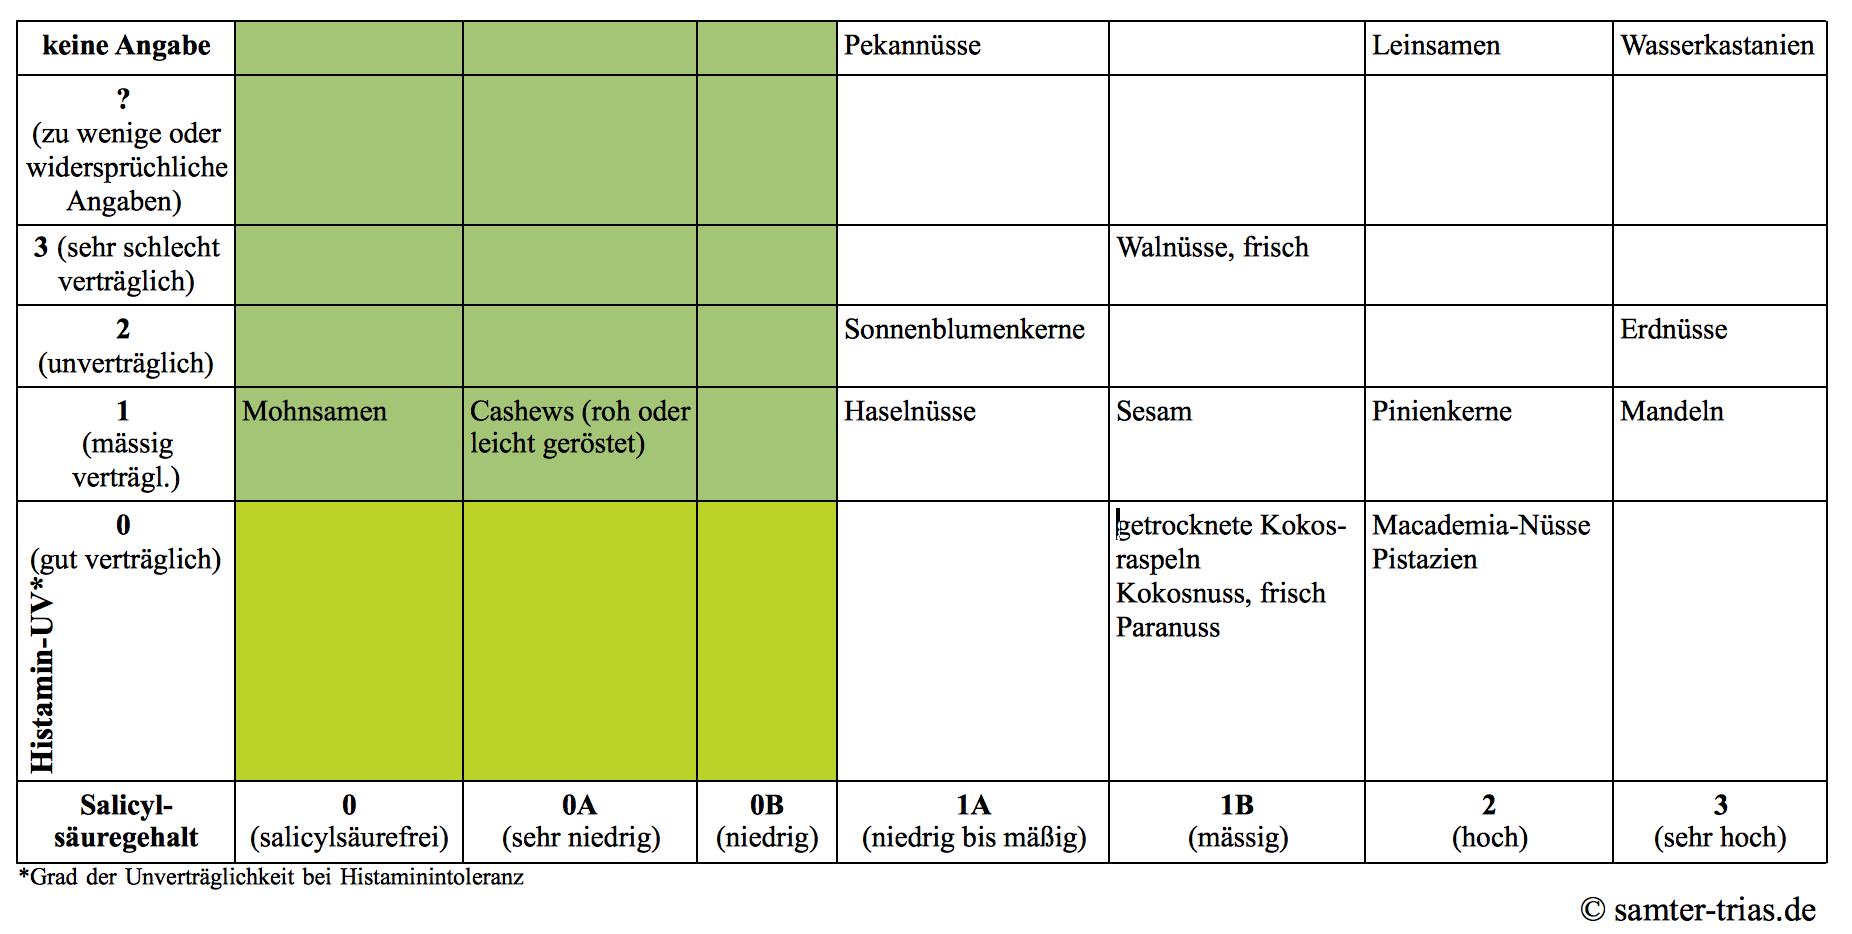 Tabelle mit den Salicylsäure- und Histamingehalten von Nüssen und Samen